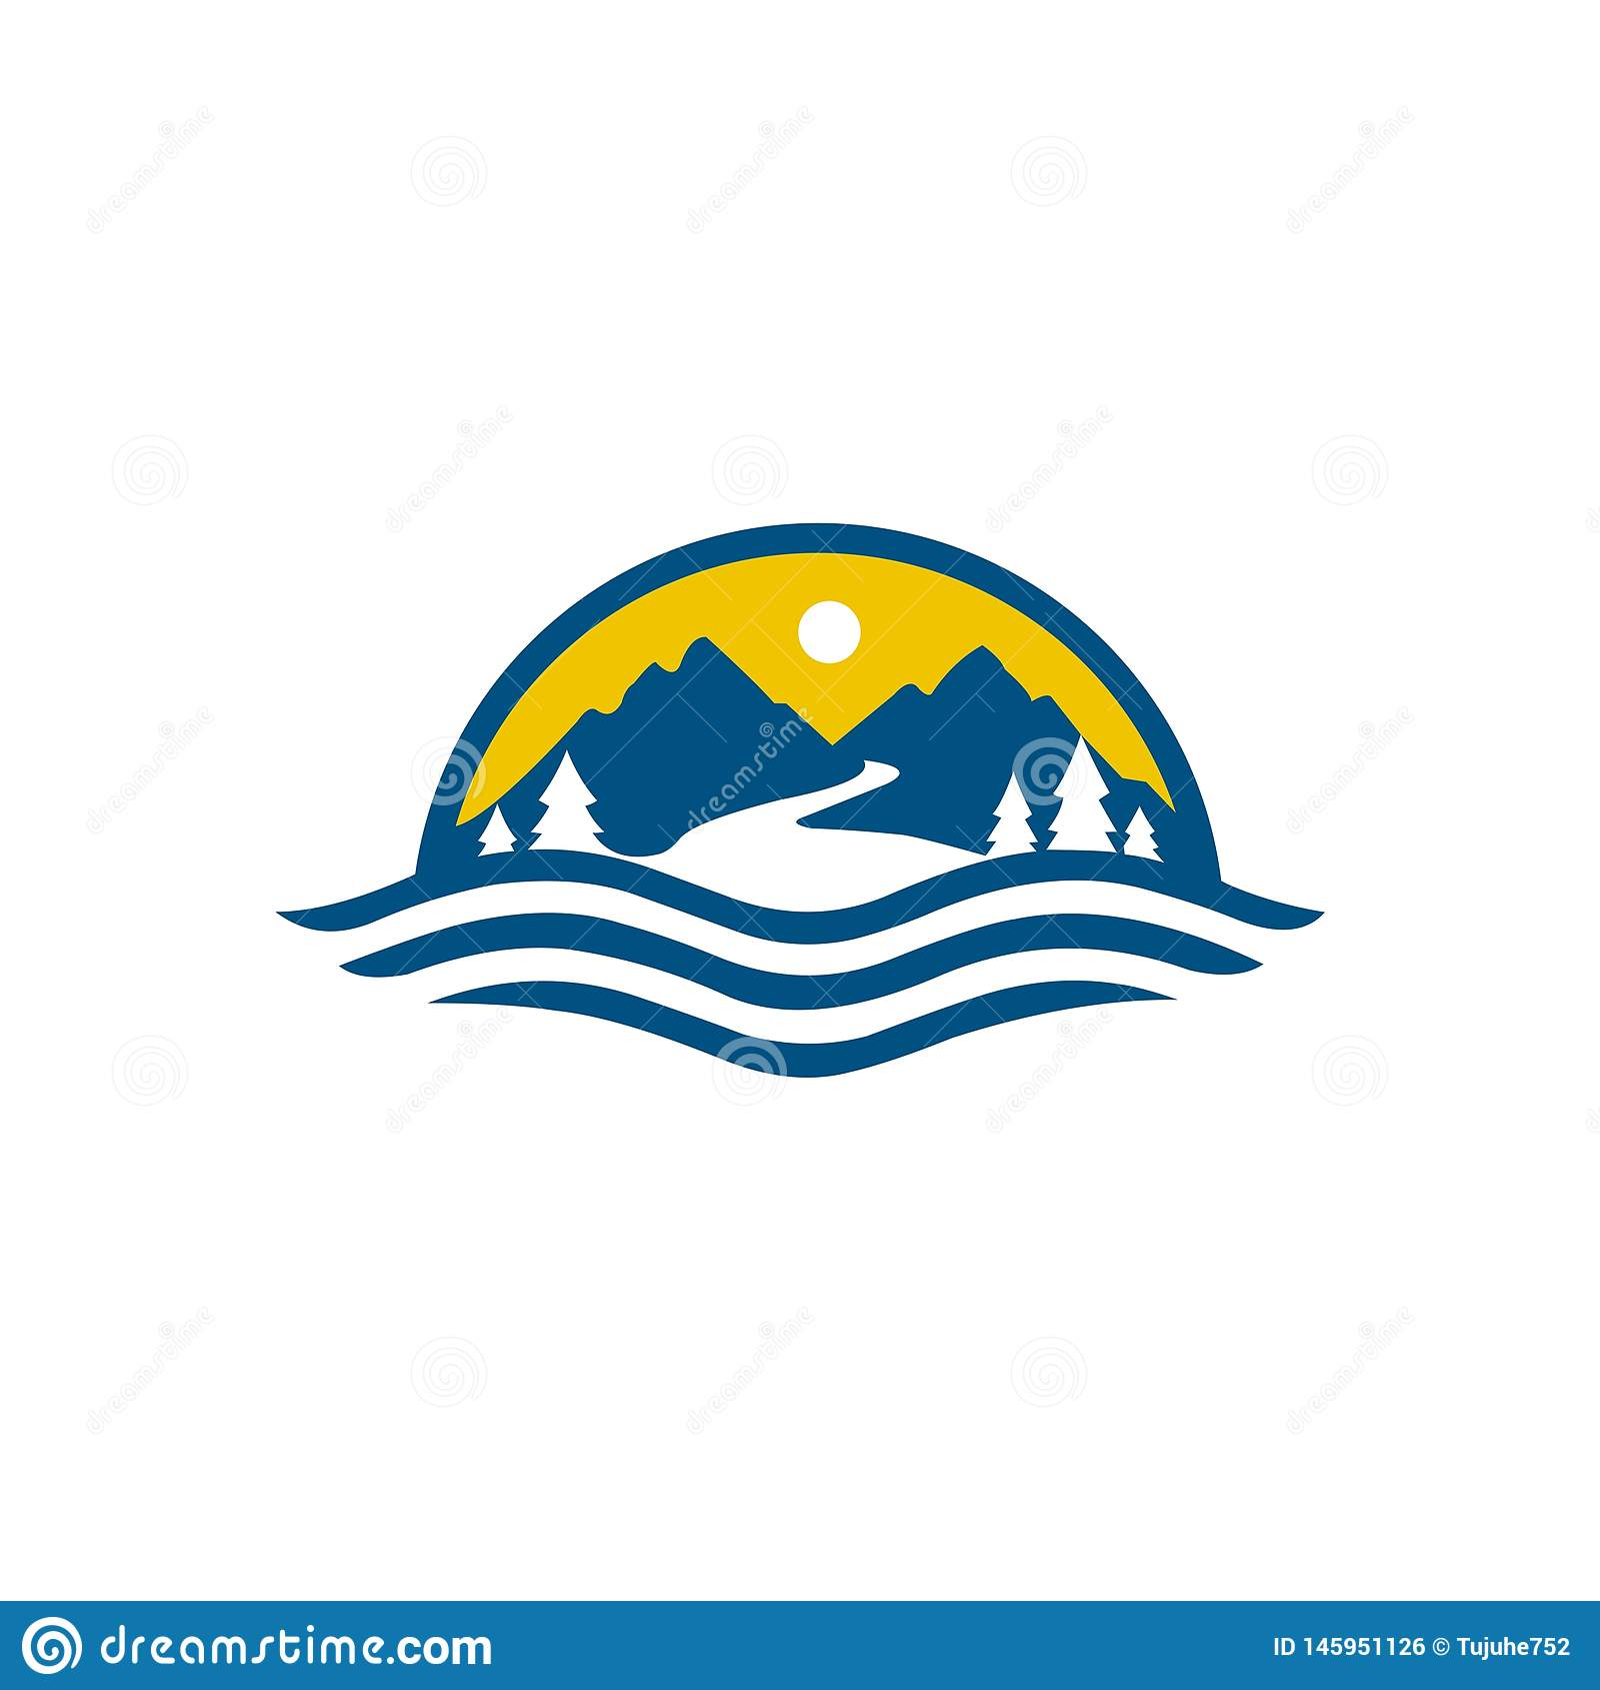 Mountain Logo template vector icon illustration desig